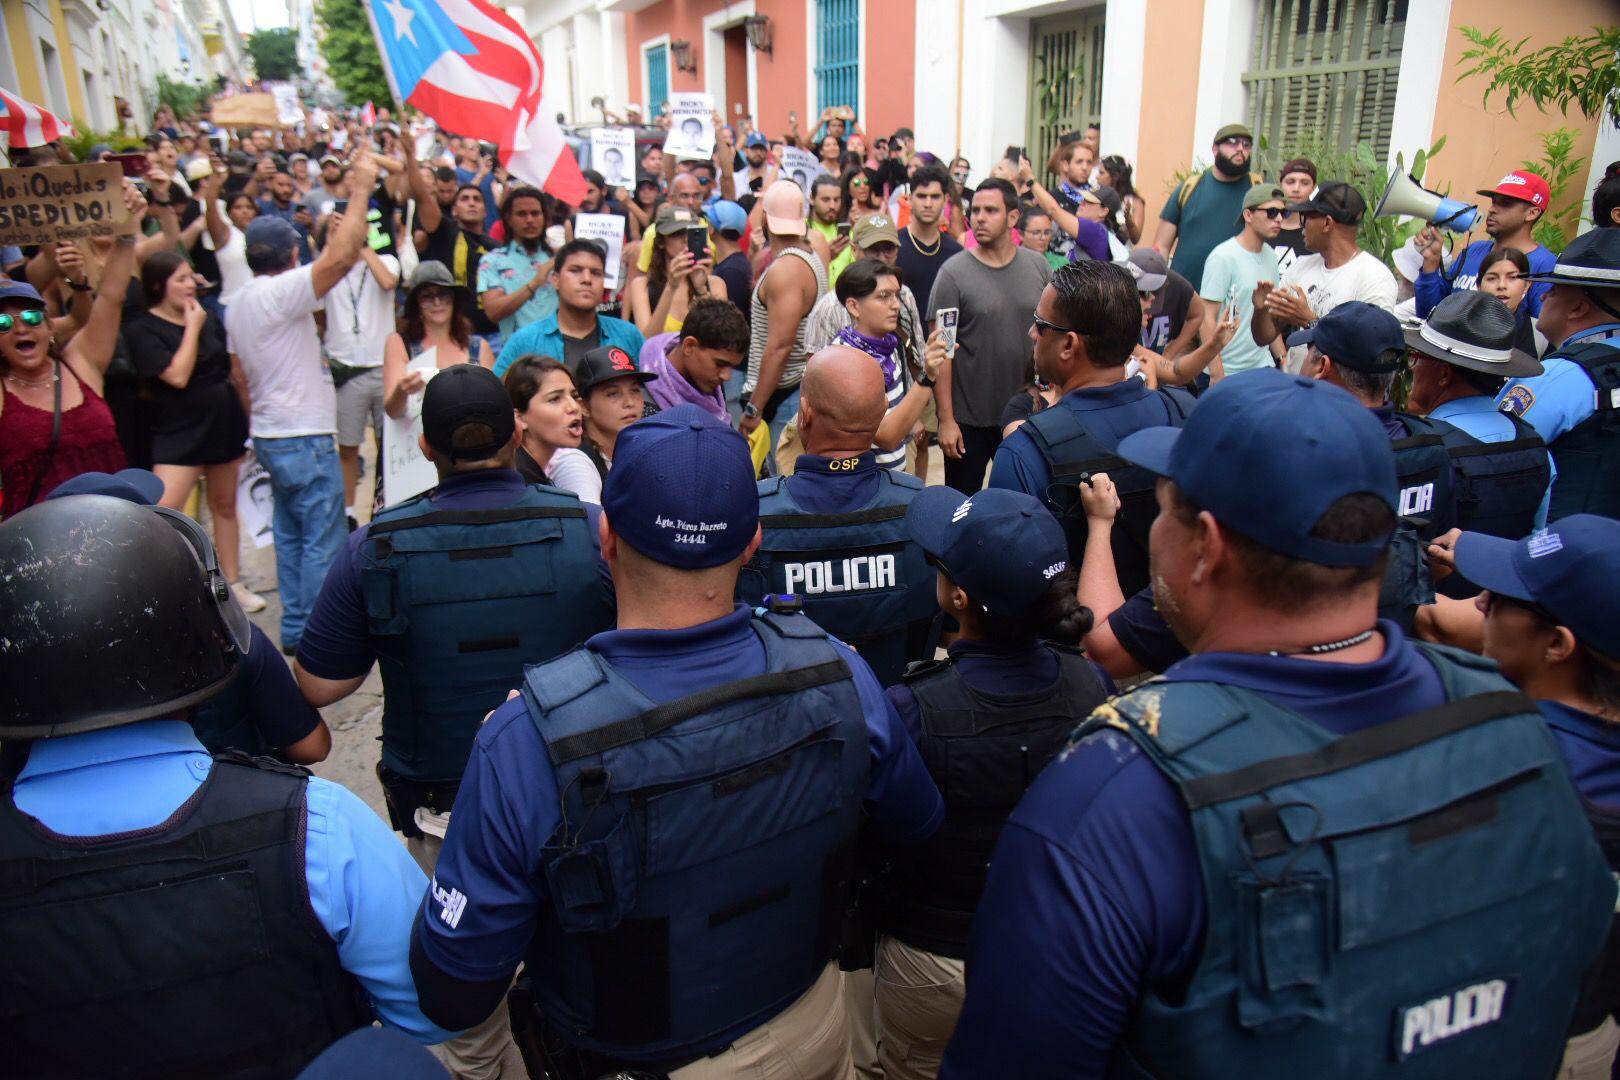 Nuevo monitor federal participará como observador en protestas